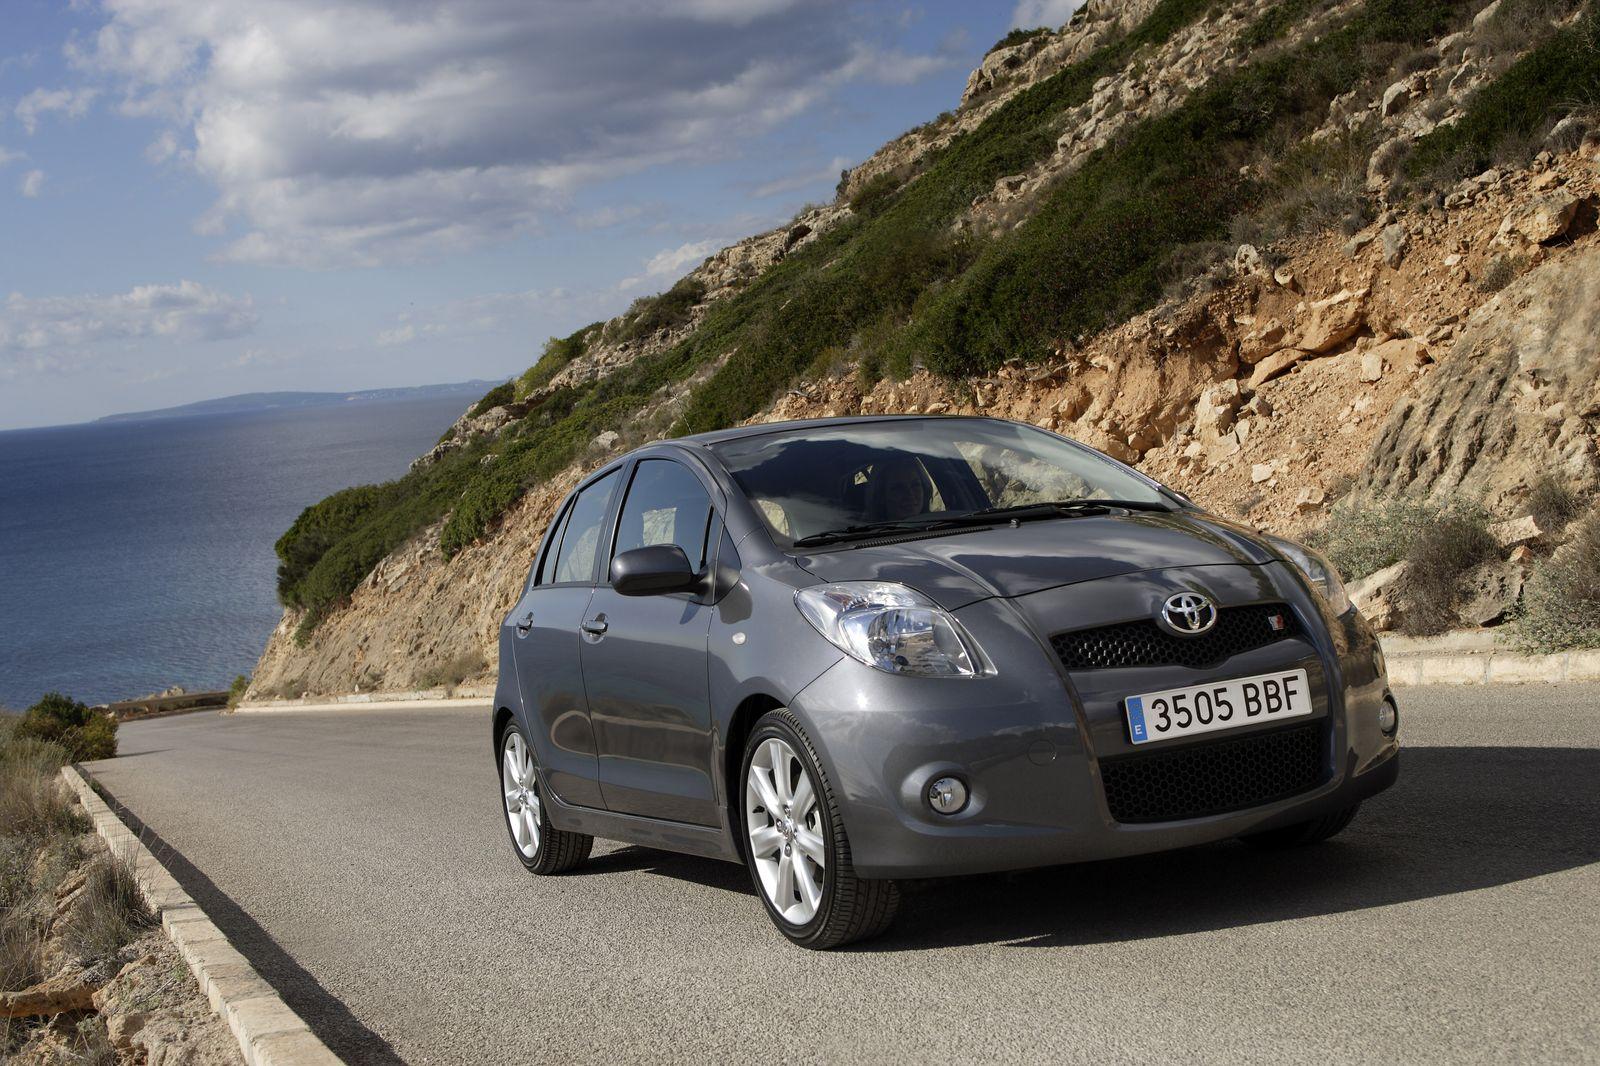 NICHT VERWENDEN Themendienst Auto: Toyota Yaris TS